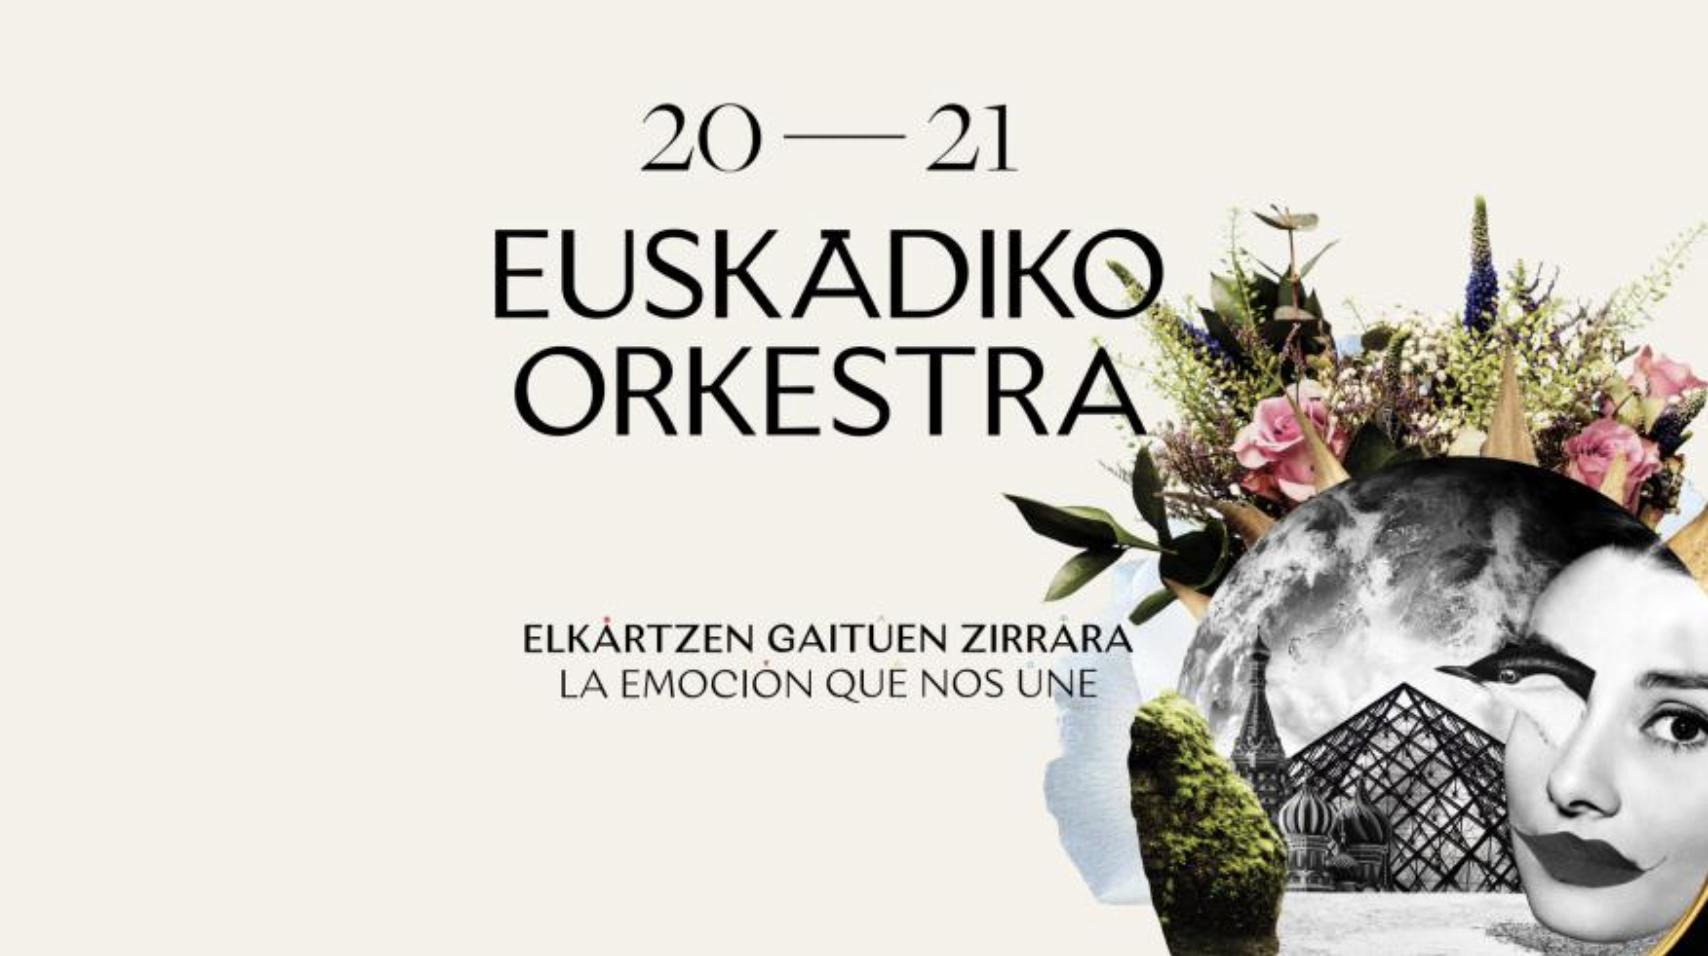 Diana Damrau, Camilla Nylund, Piotr Beczala y Javier Camarena encabezan la reapertura de la Ópera de Zúrich